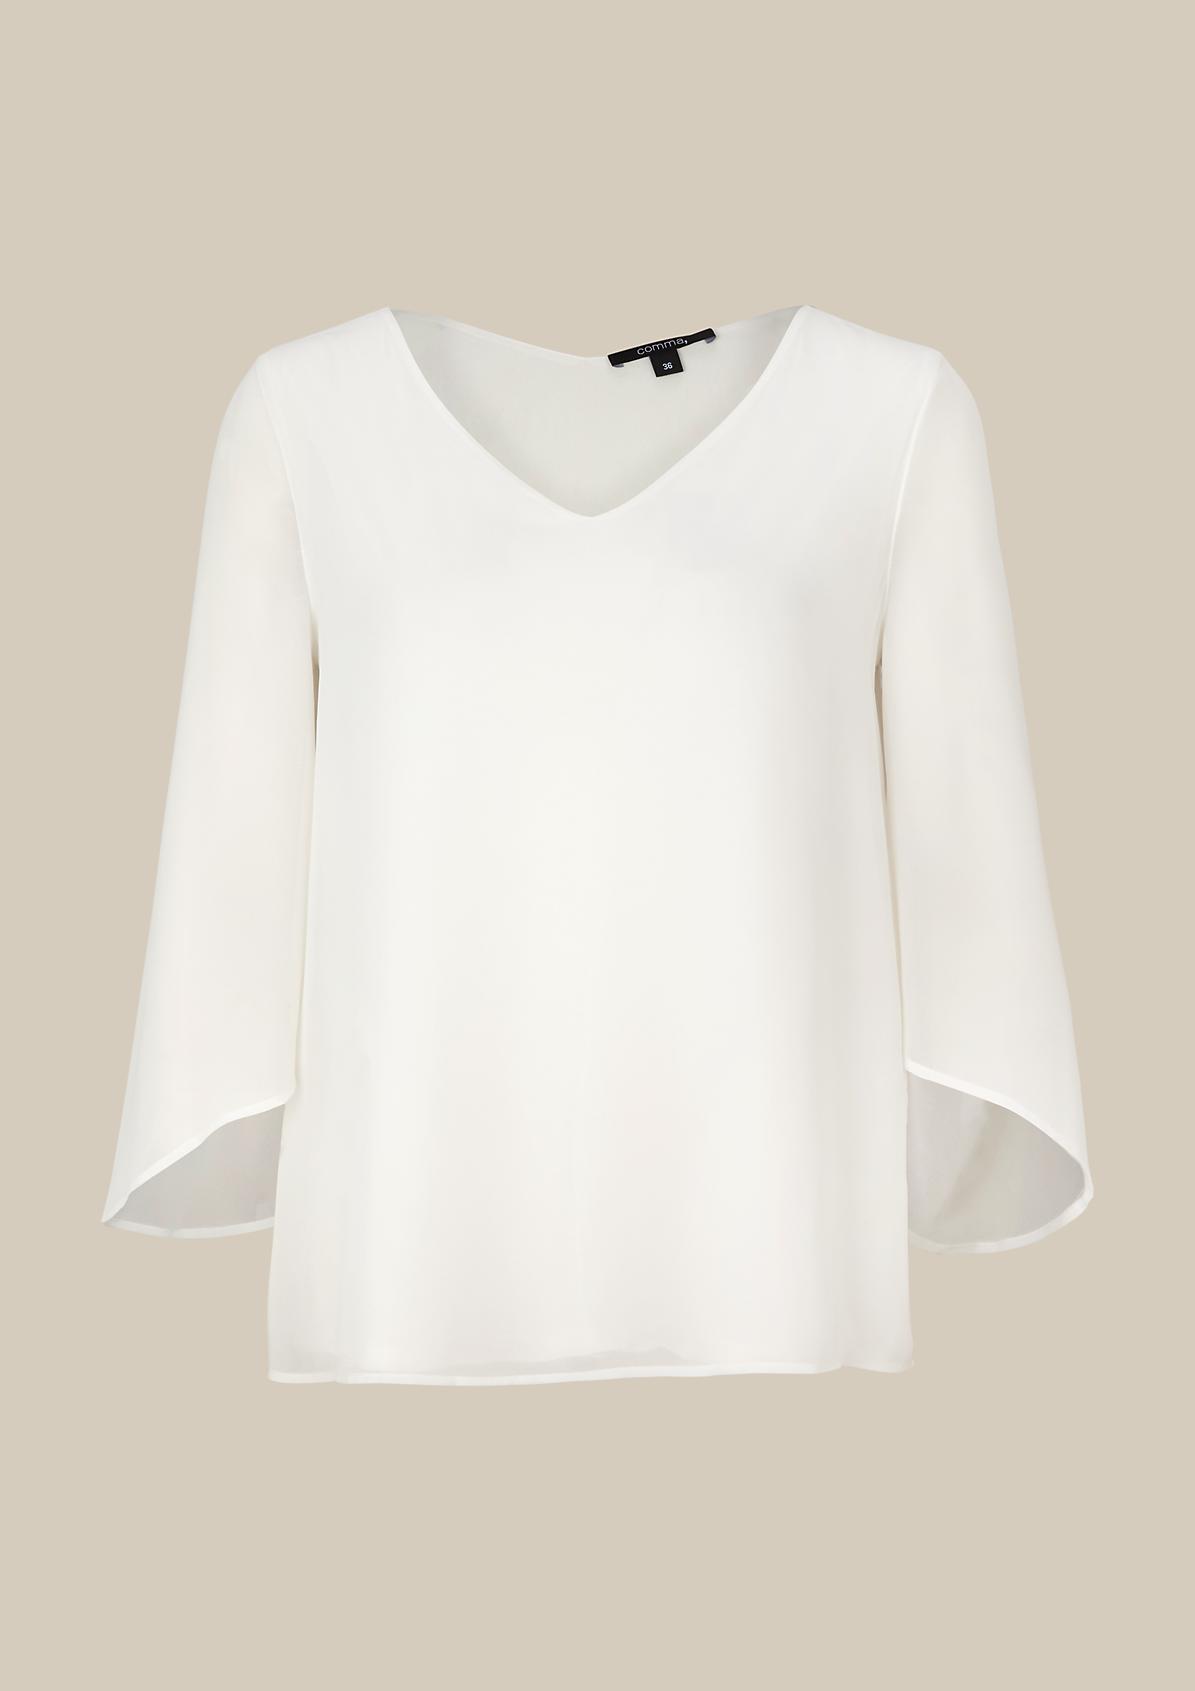 Hauchzarte 3/4-Arm Bluse mit extravaganten Details